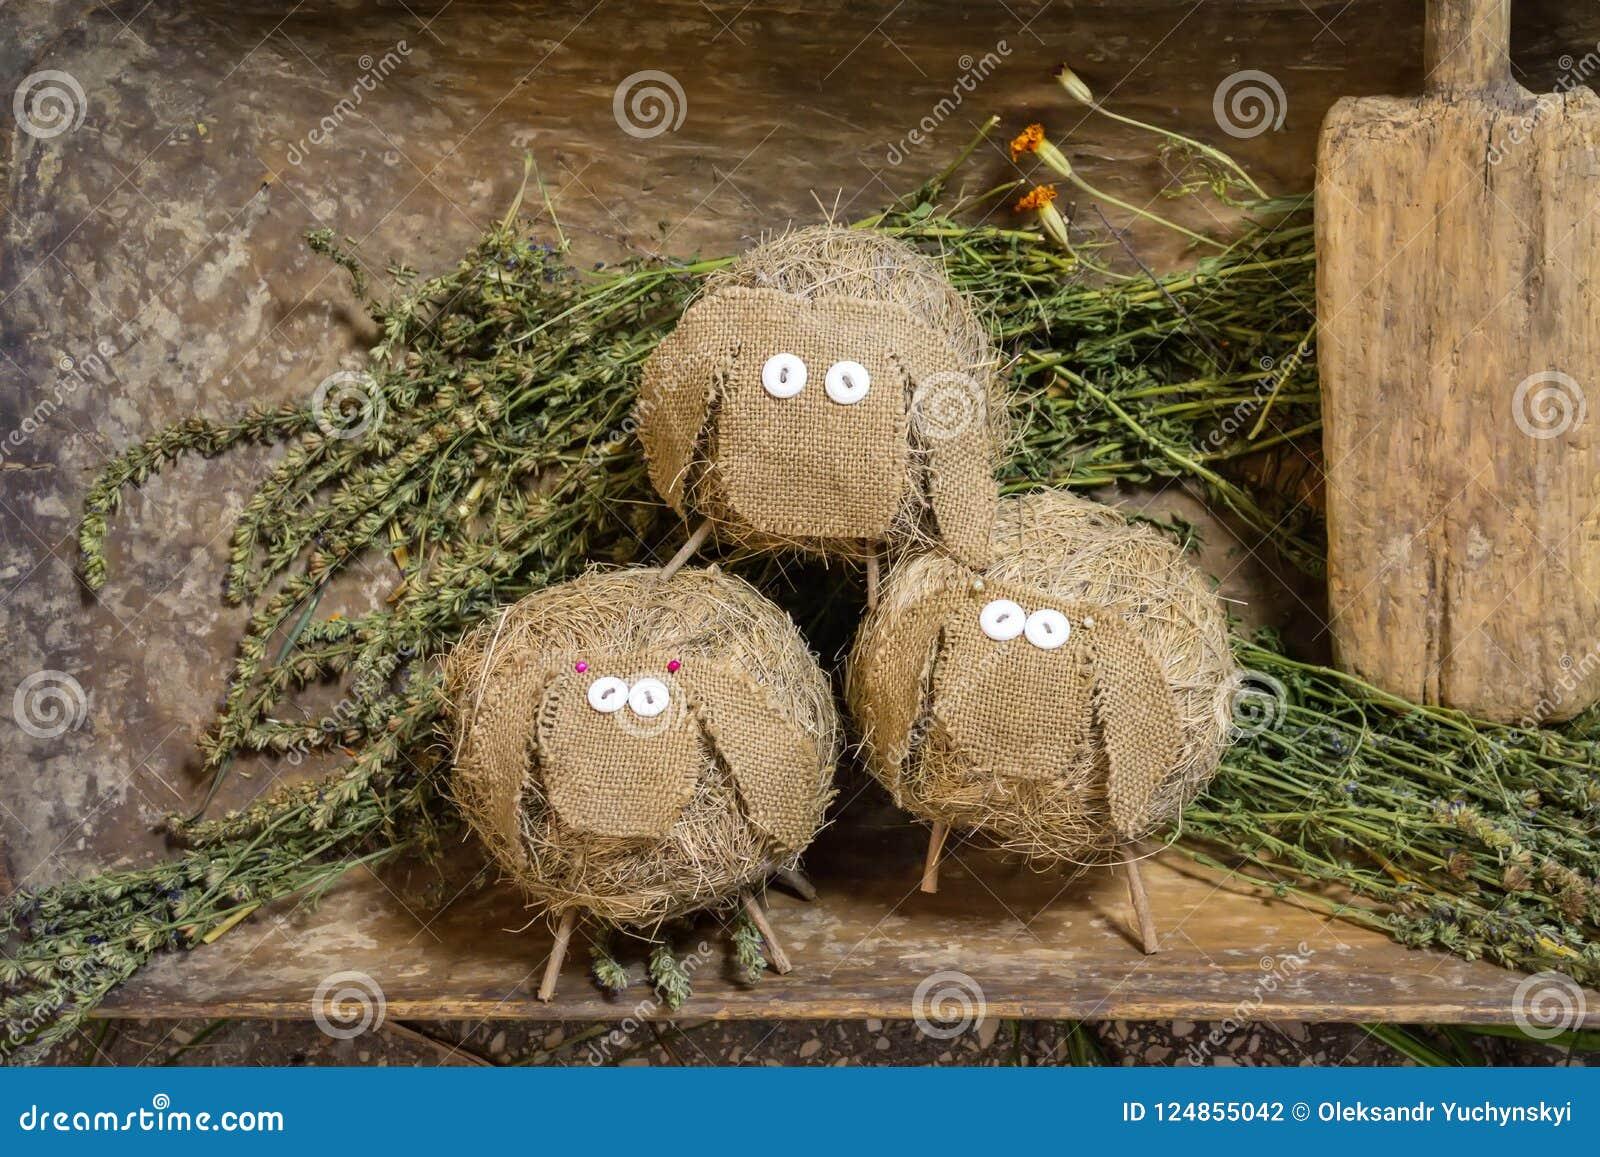 Die Spielzeugschafe, die vom Stroh und vom Stoff gemacht werden, stehen auf gemähtem Gras